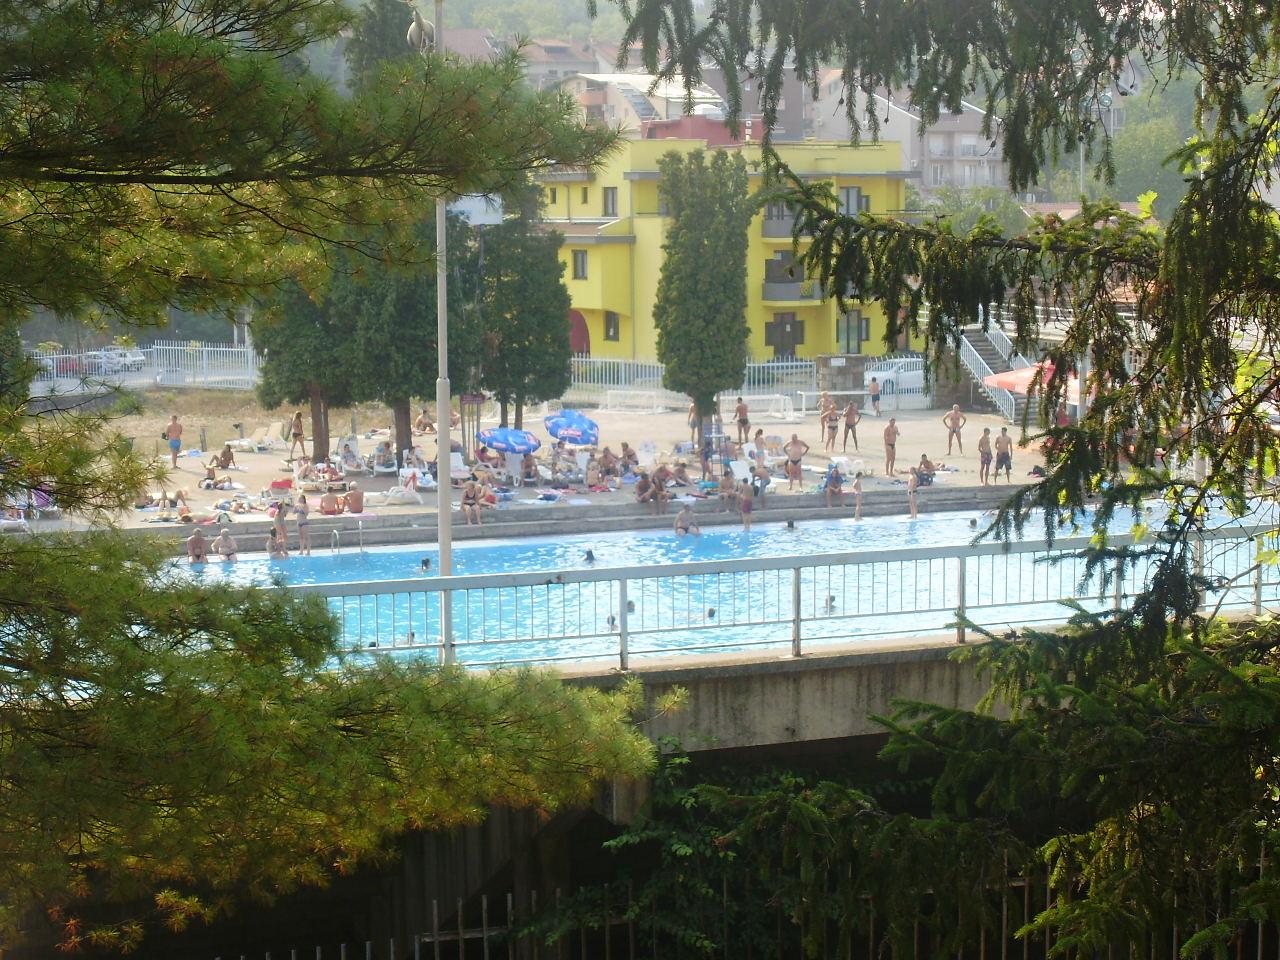 olimpijski bazen u vrnjackoj banji